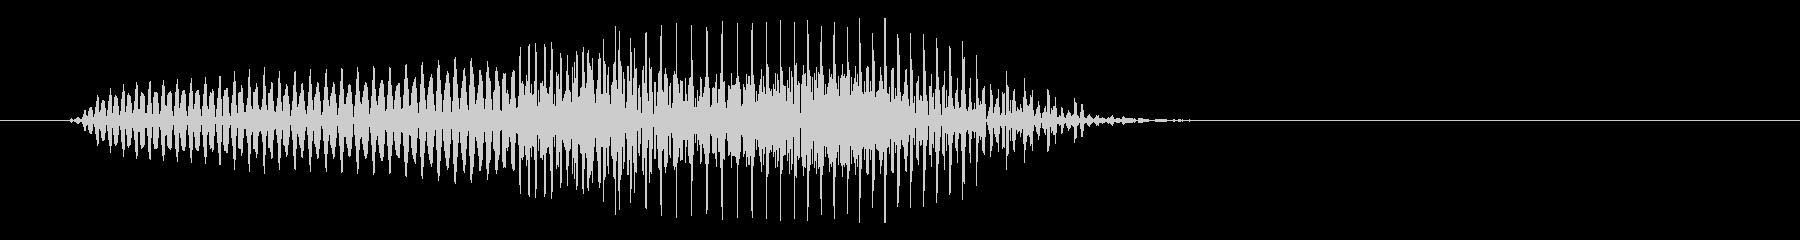 んがっというかわいい音の未再生の波形